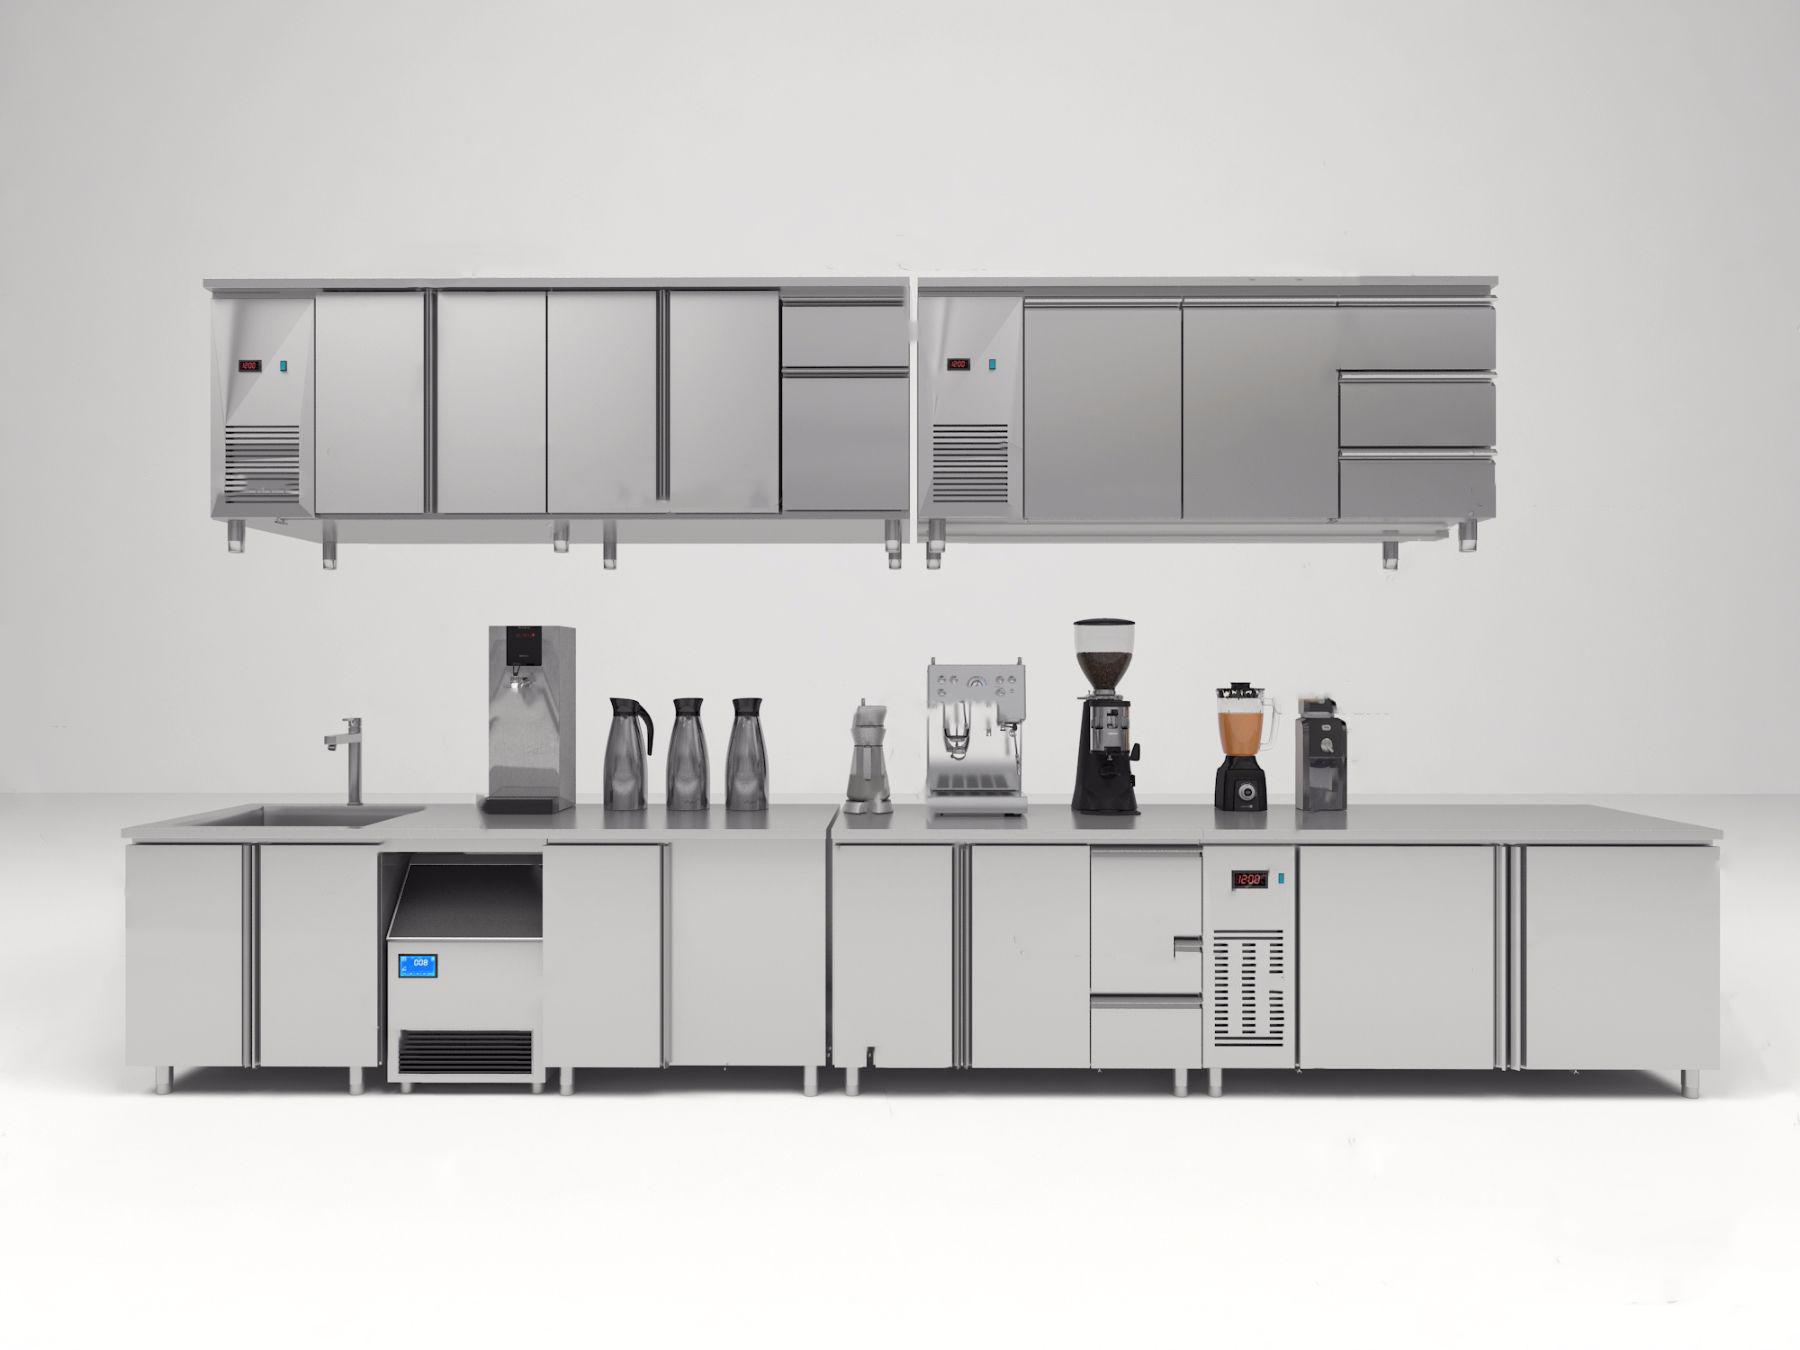 现代后厨设备冷藏柜操作台制冰机开水机3D模型【ID:142180724】